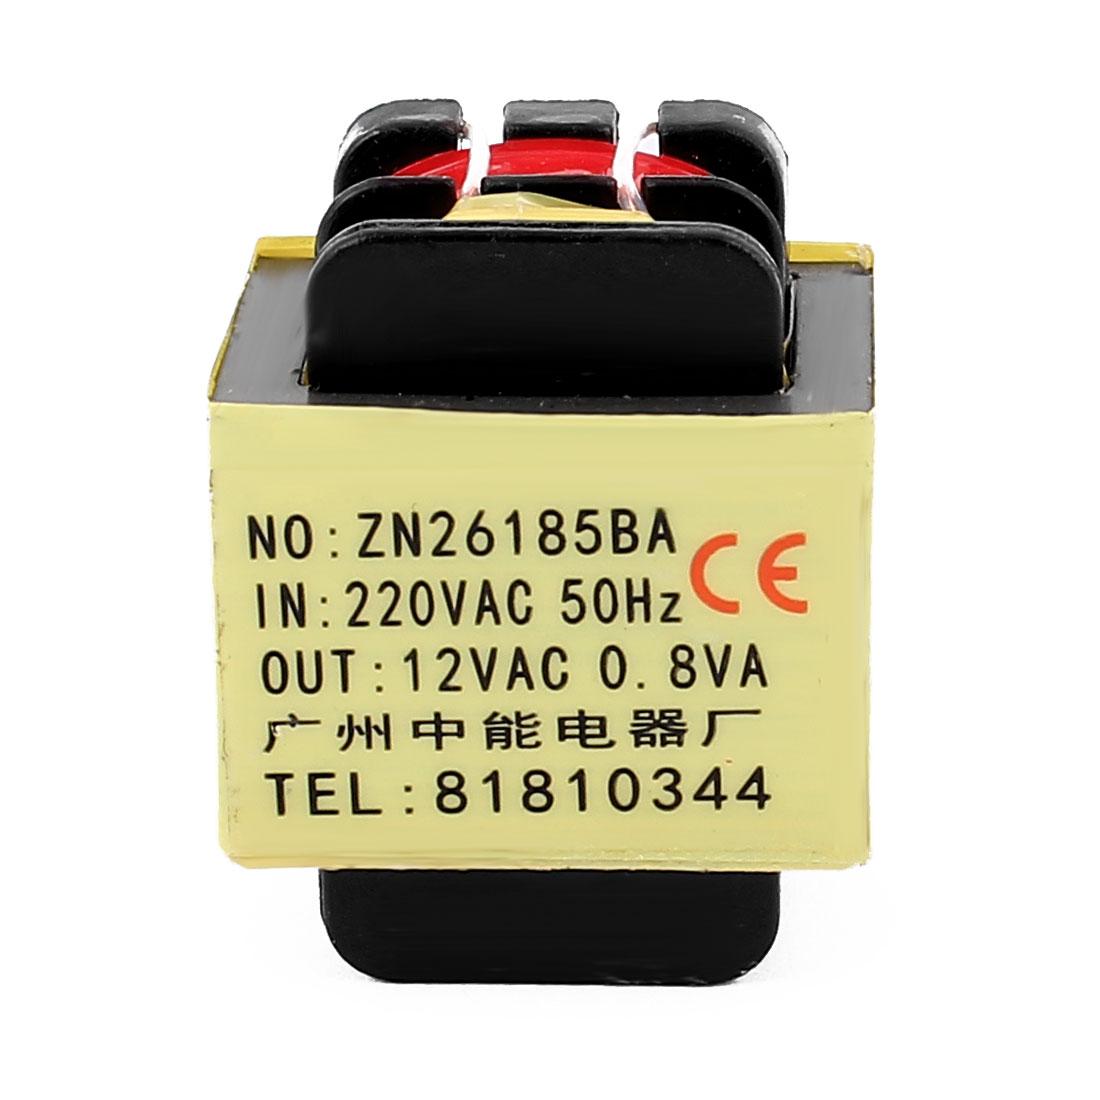 220V Input 12V 0.8VA Output Yellow Red Ferrite Core Power Transformer w 5 Terminals